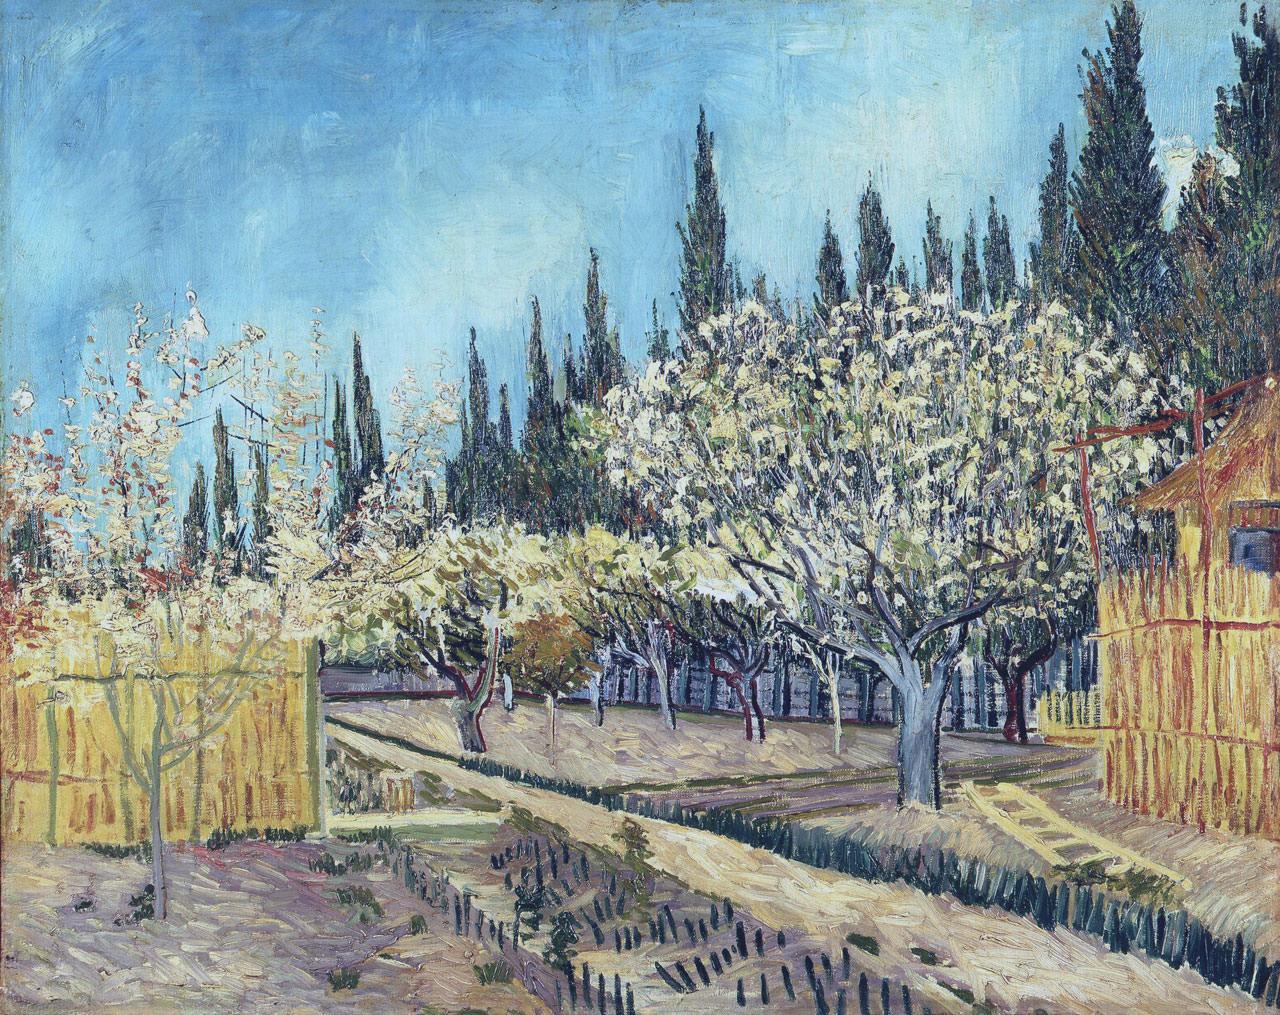 Сад, окружённый кипарисами [ картина - пейзаж ] :: Ван Гог, описание картины - Van Gogh фото